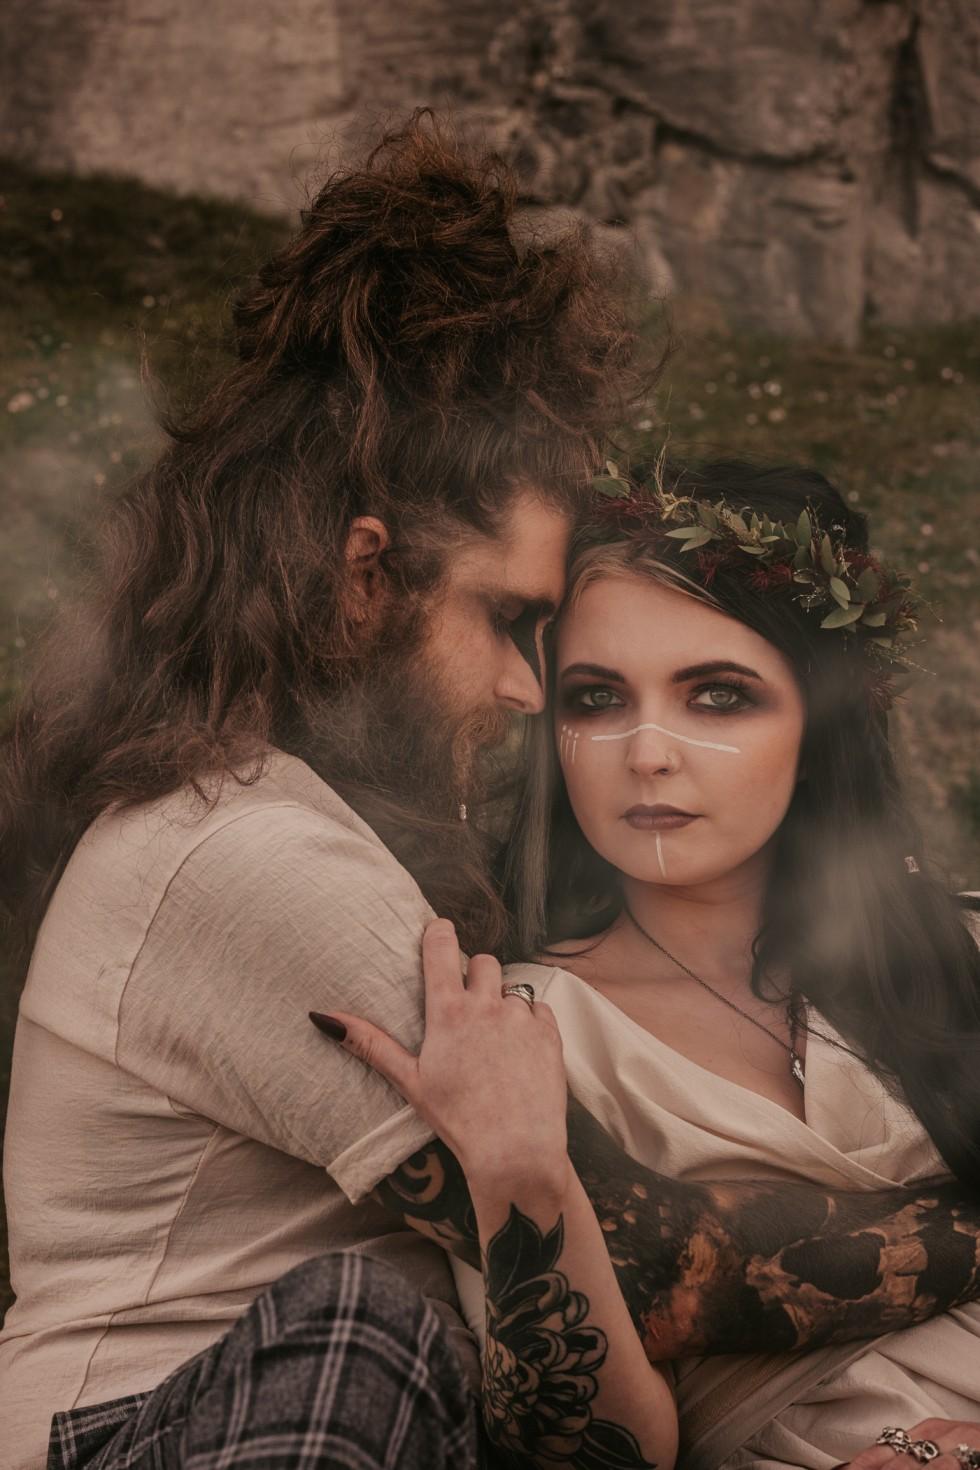 viking wedding - wild wedding - bridal flower crown - alternative wedding couple - outdoor elopement inspiration